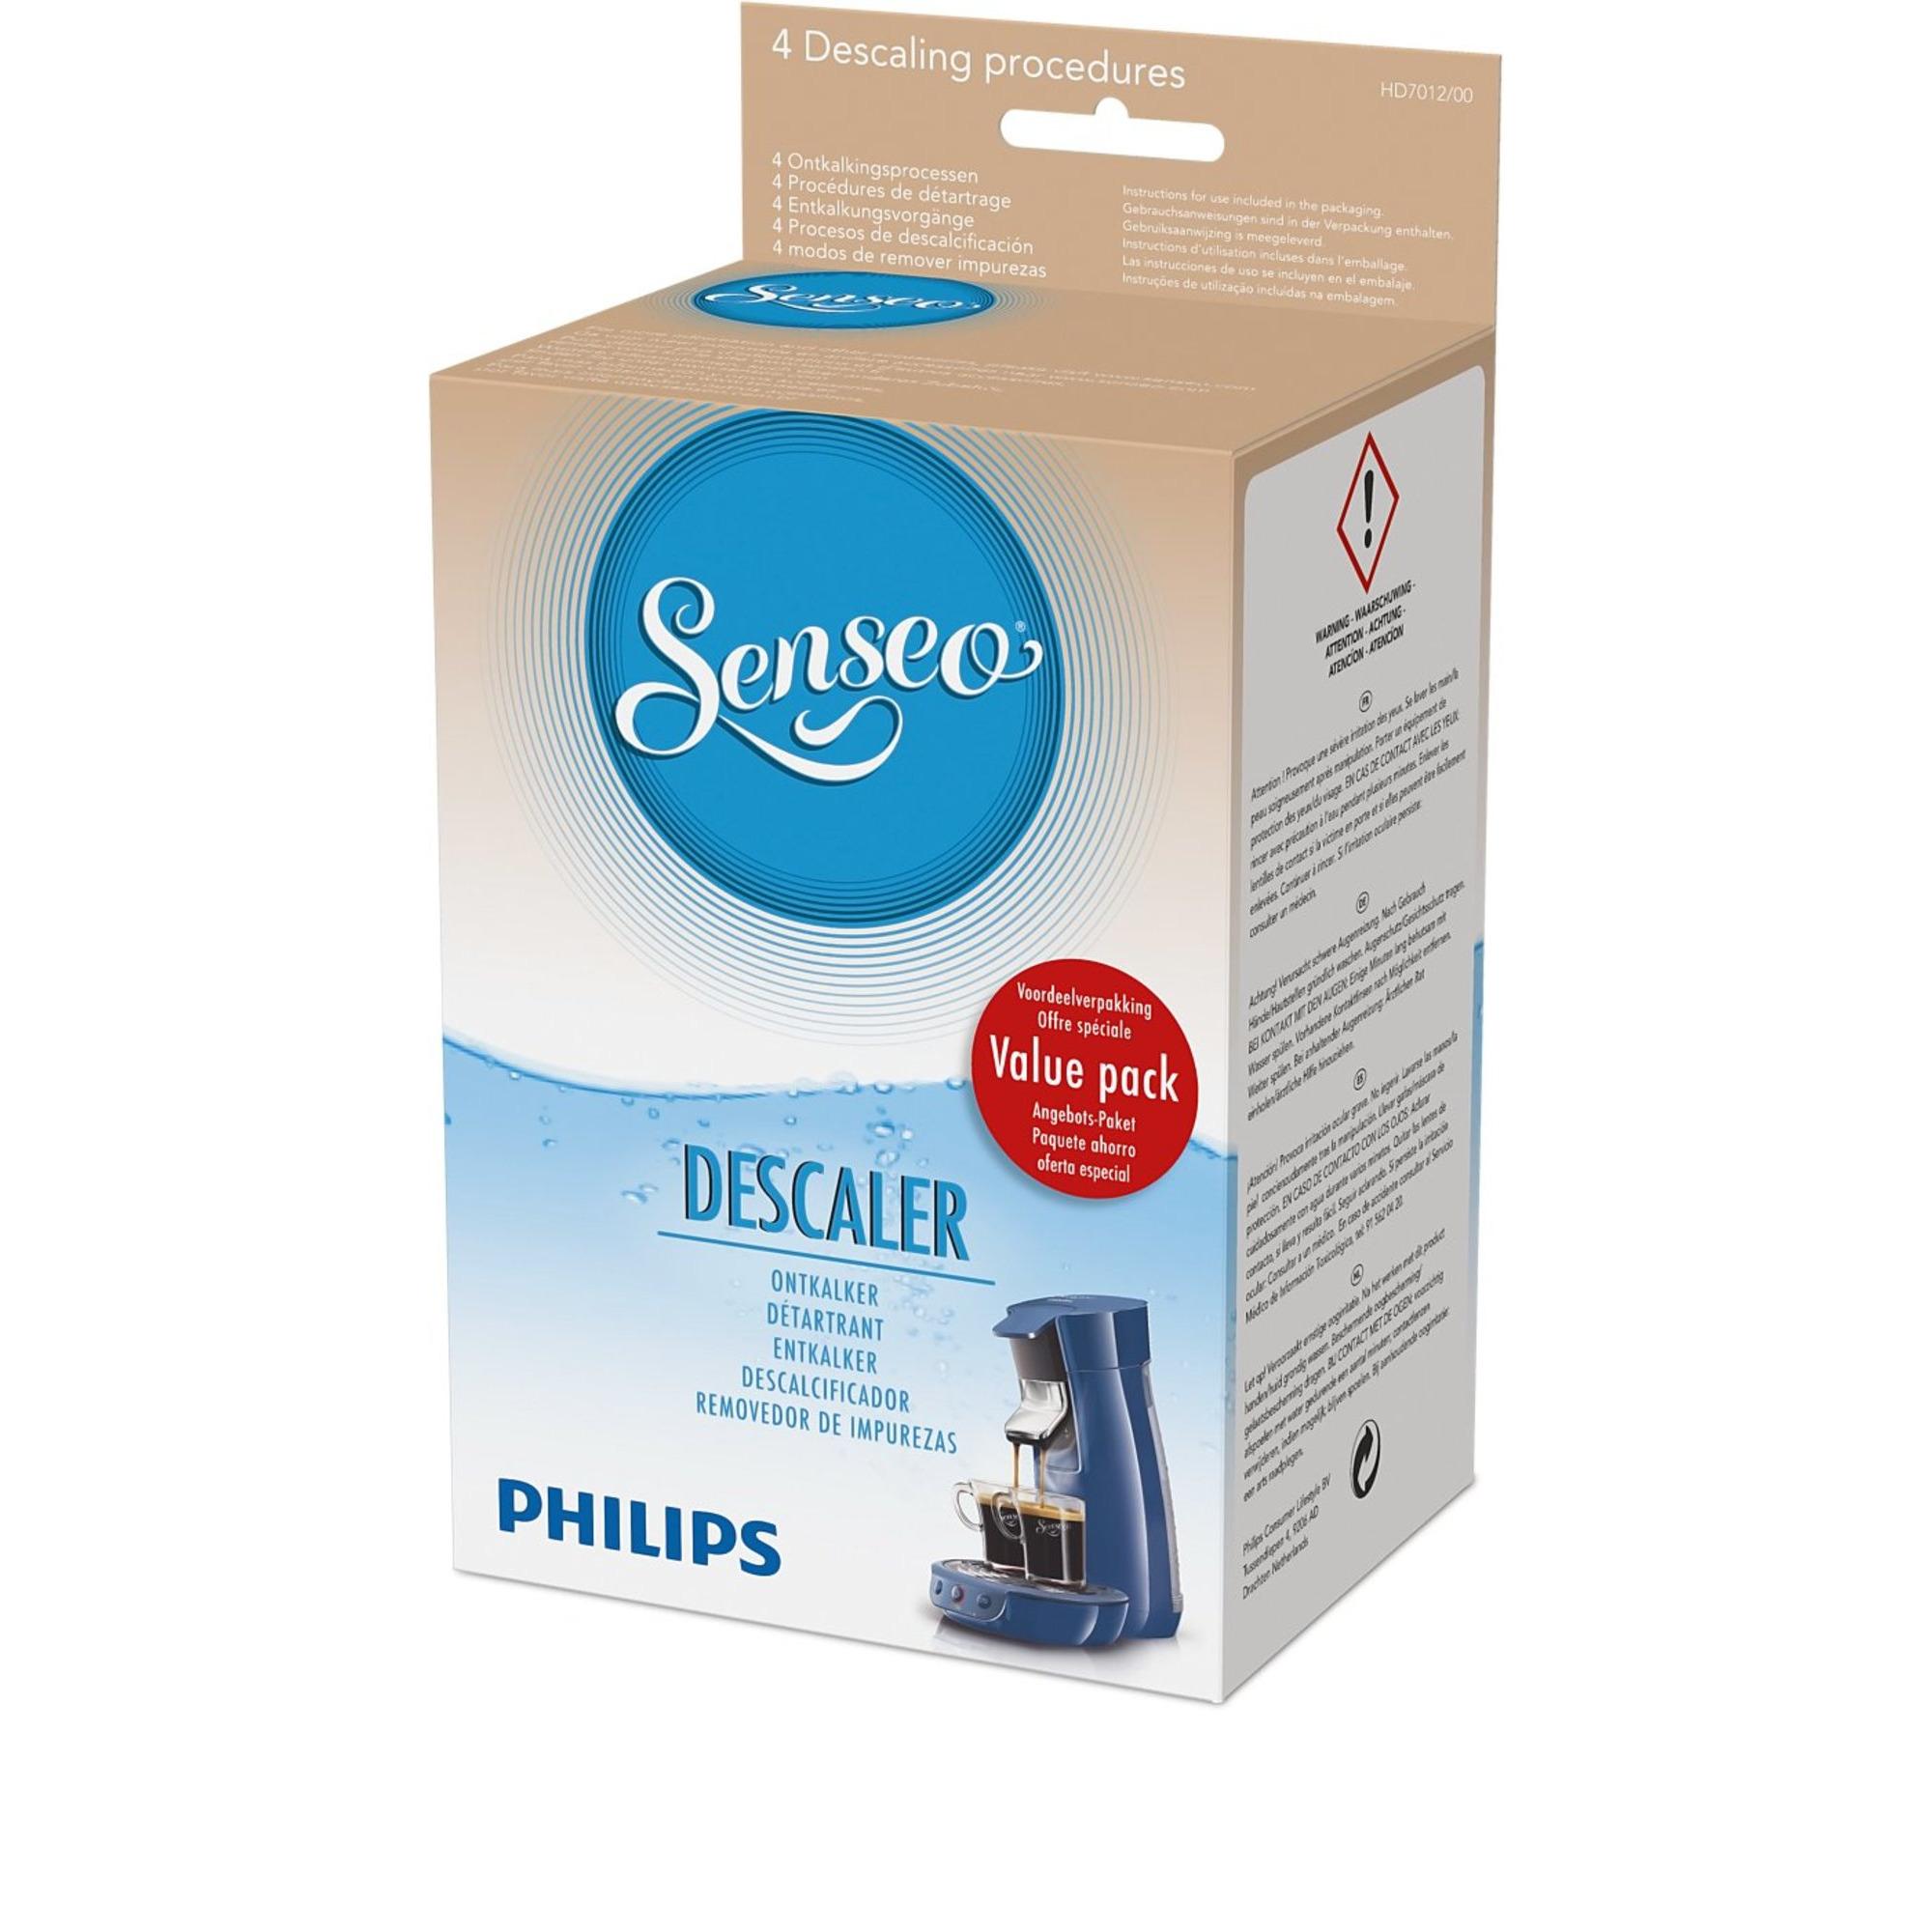 Philips SENSEO avkalkning 12 mdr.